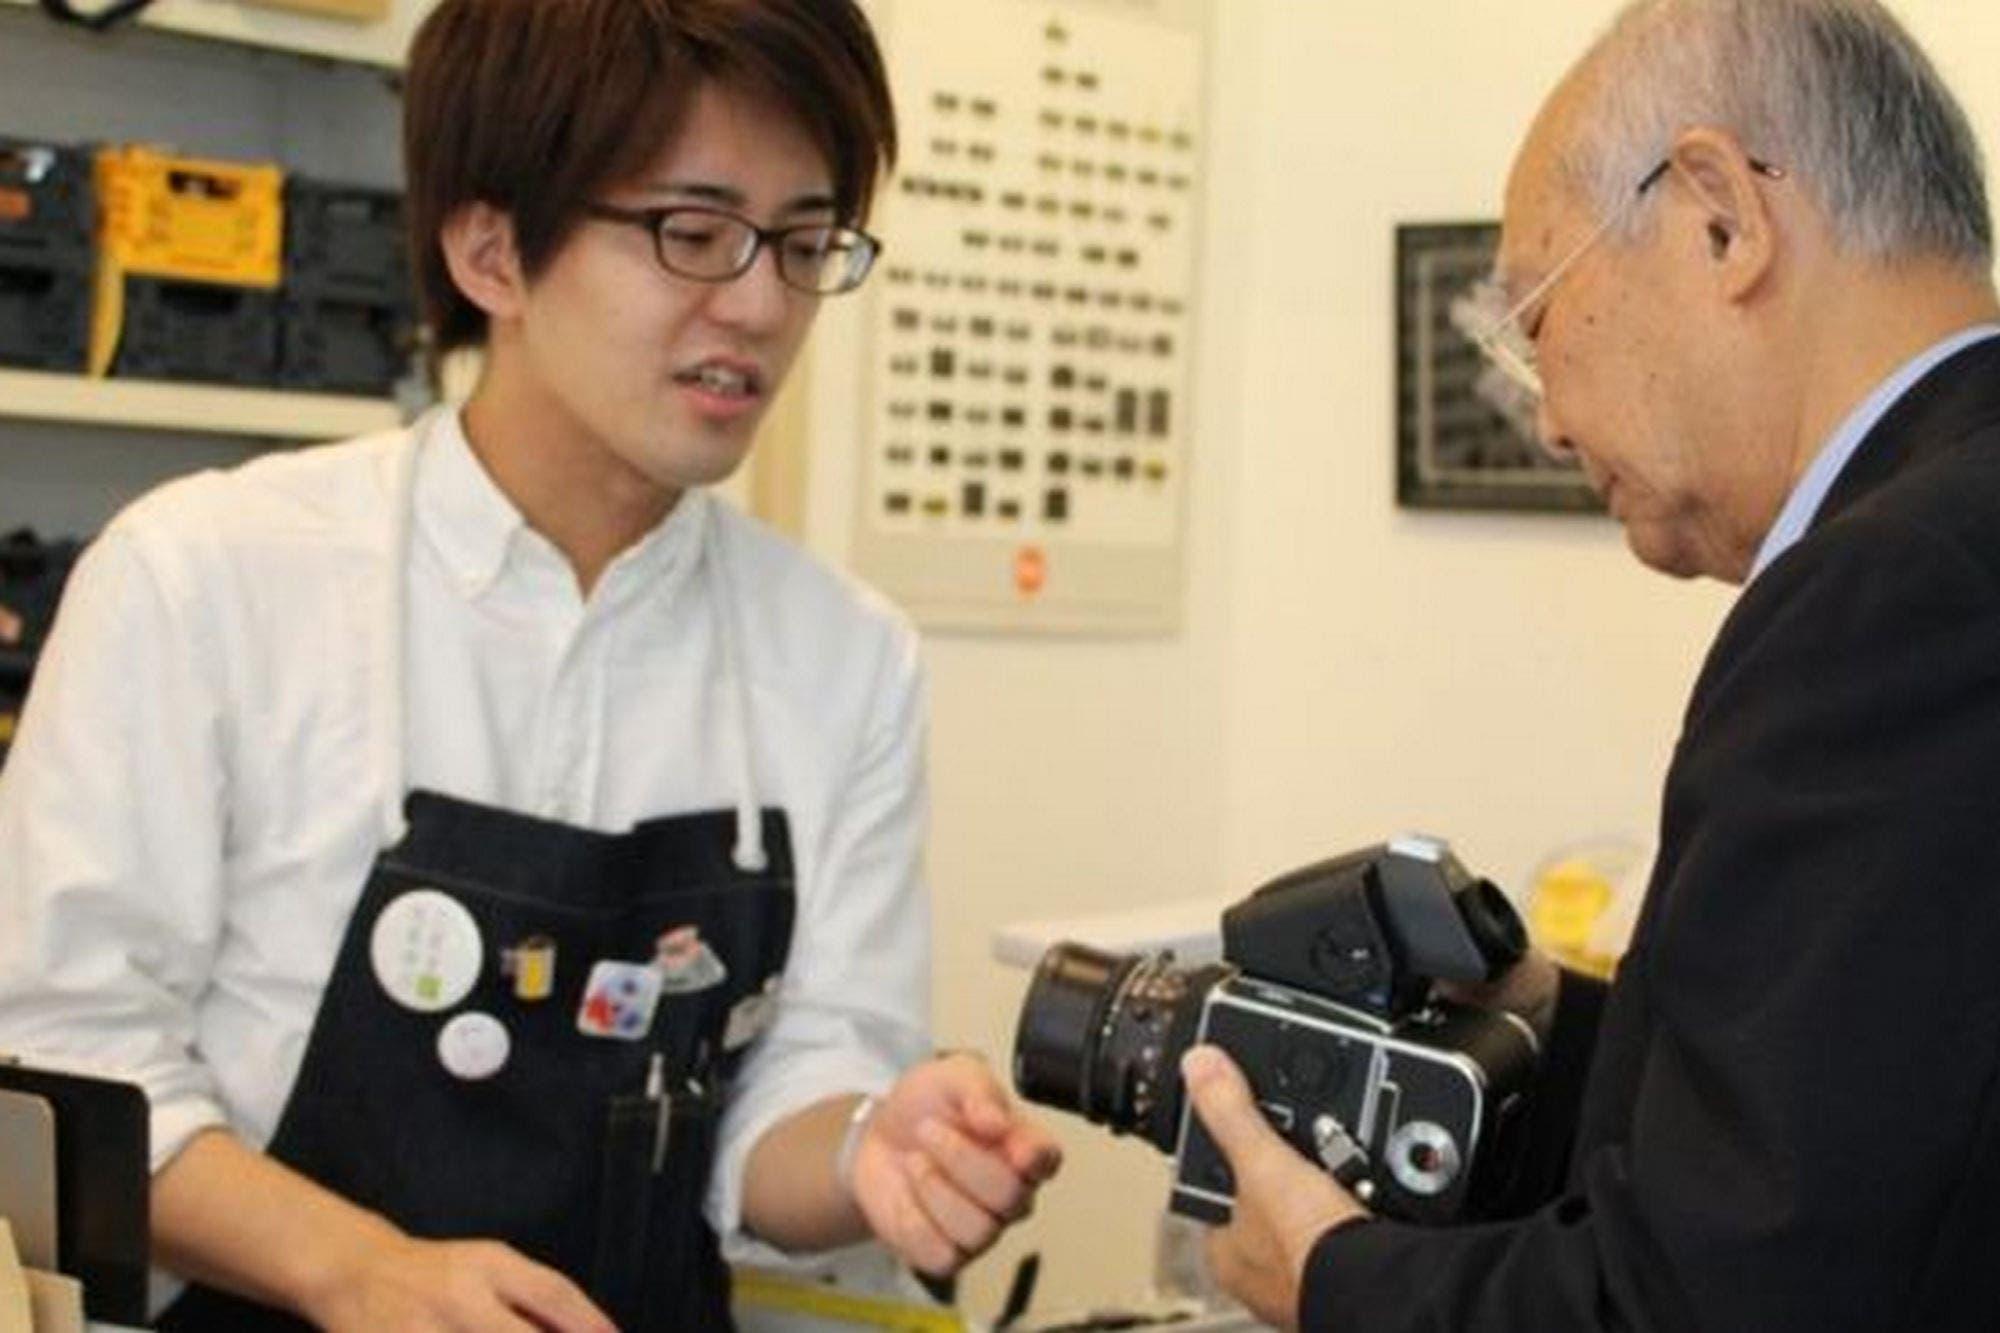 La sorprendente pasión por lo retro en el ultratecnológico Japón